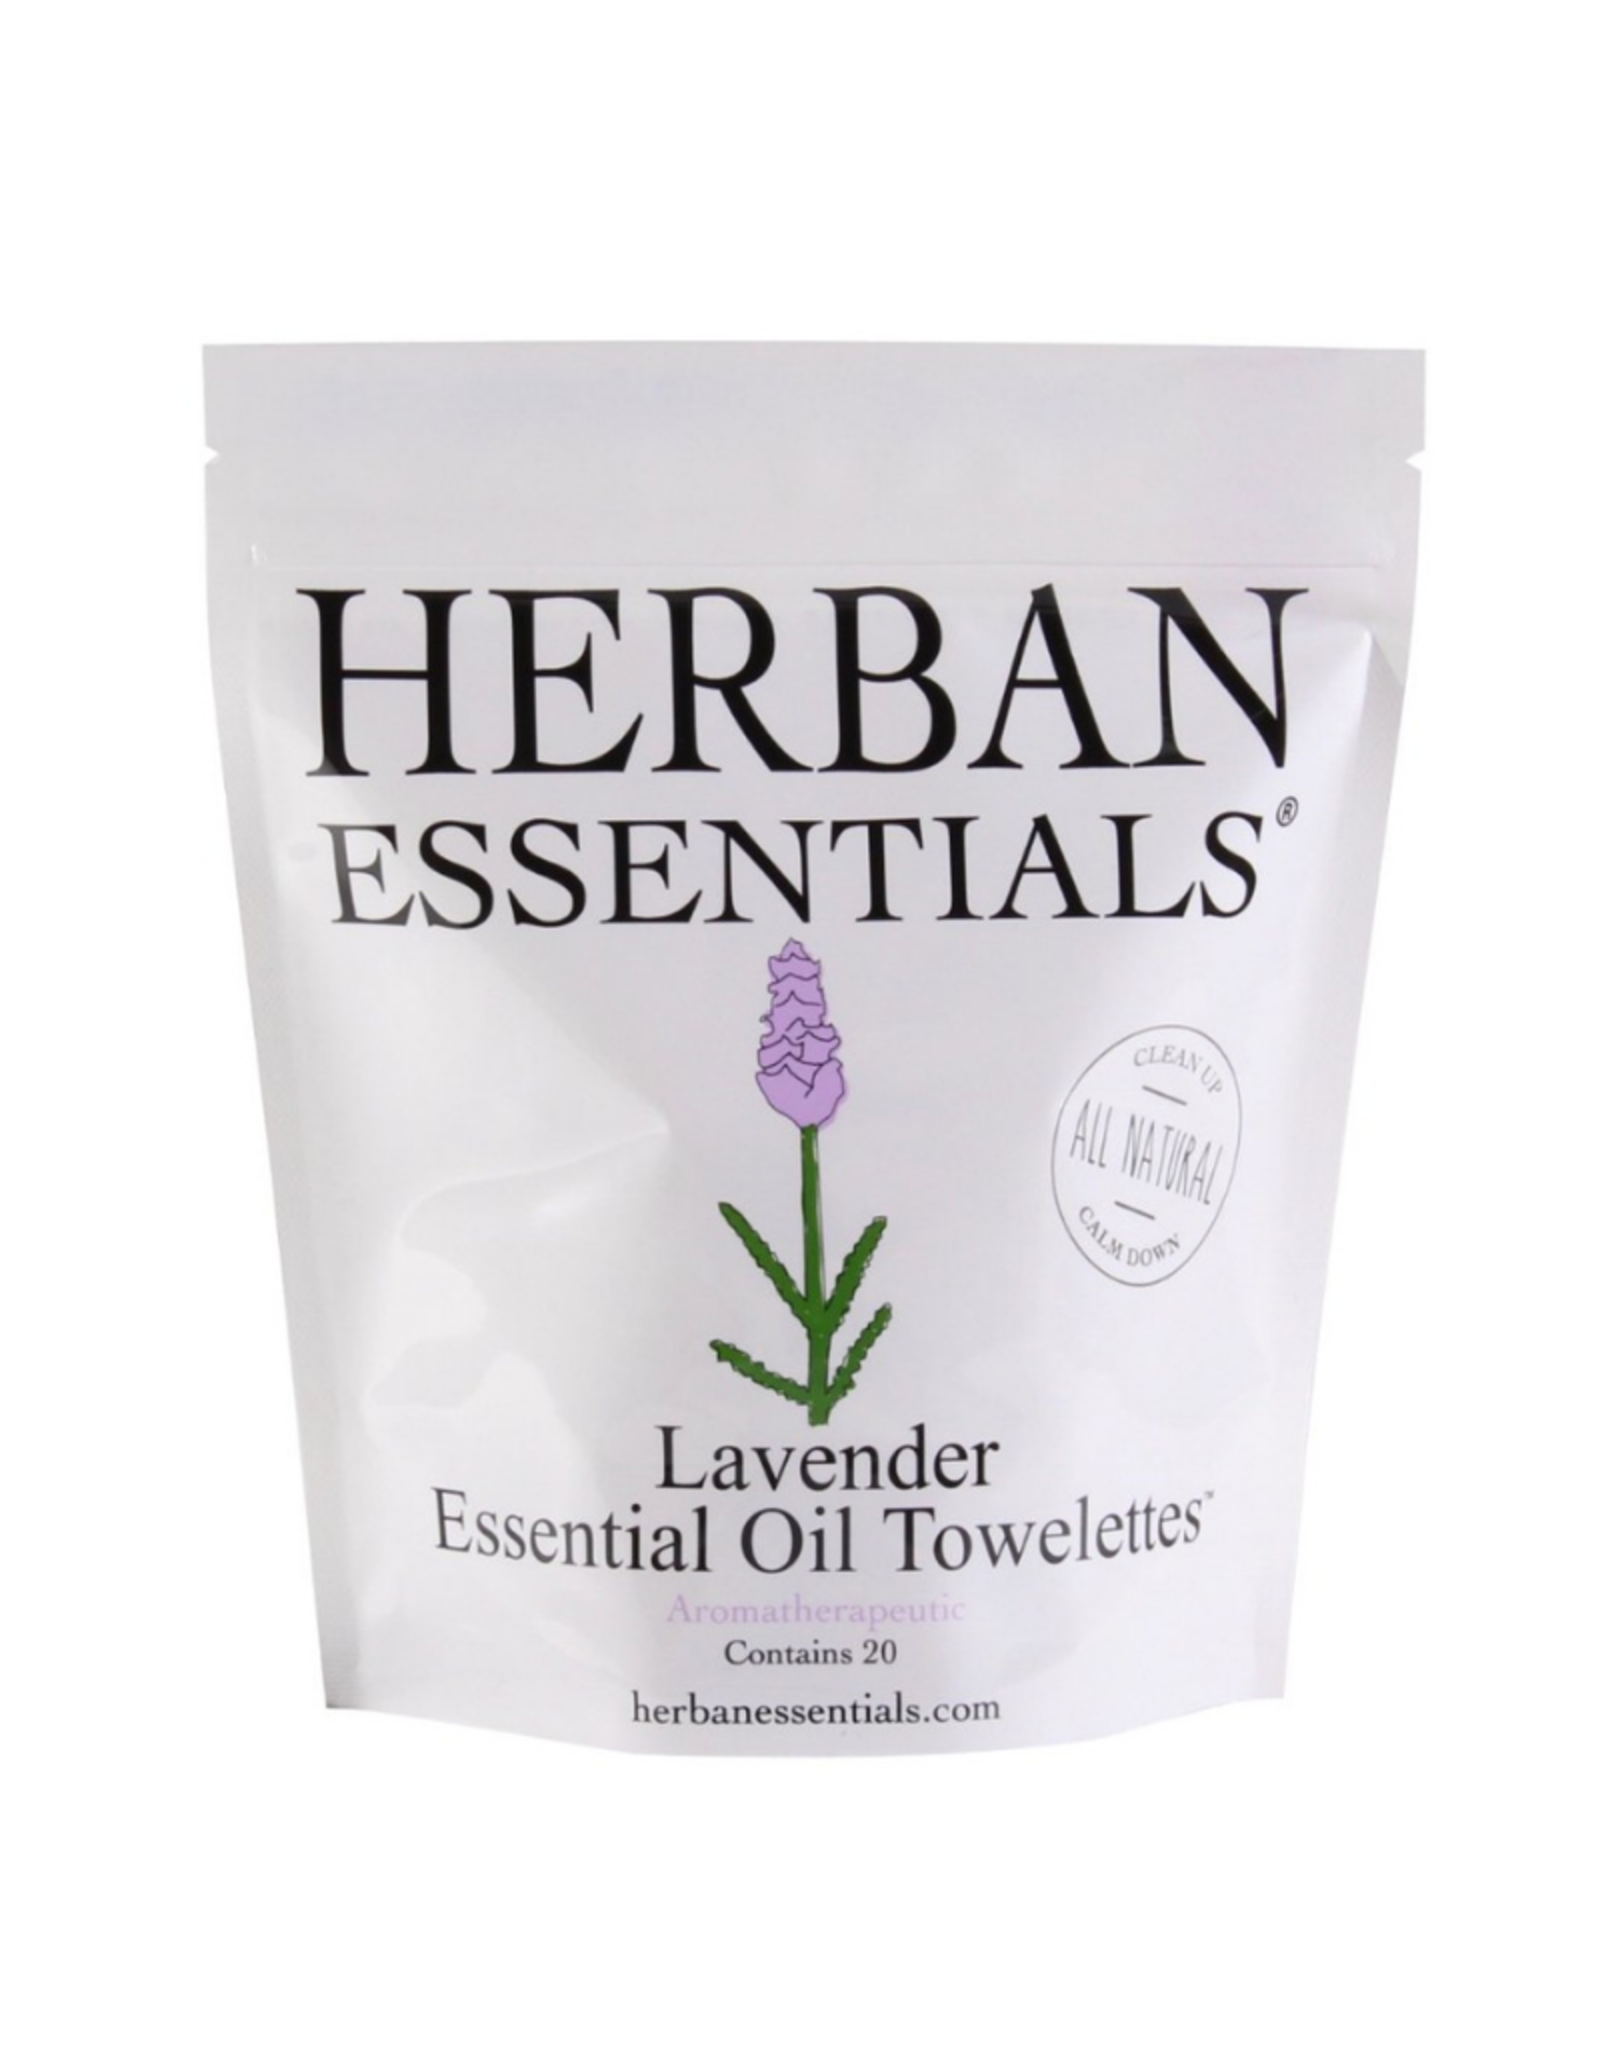 Herban Essentials Herban Essentials Lavendar Toweletts